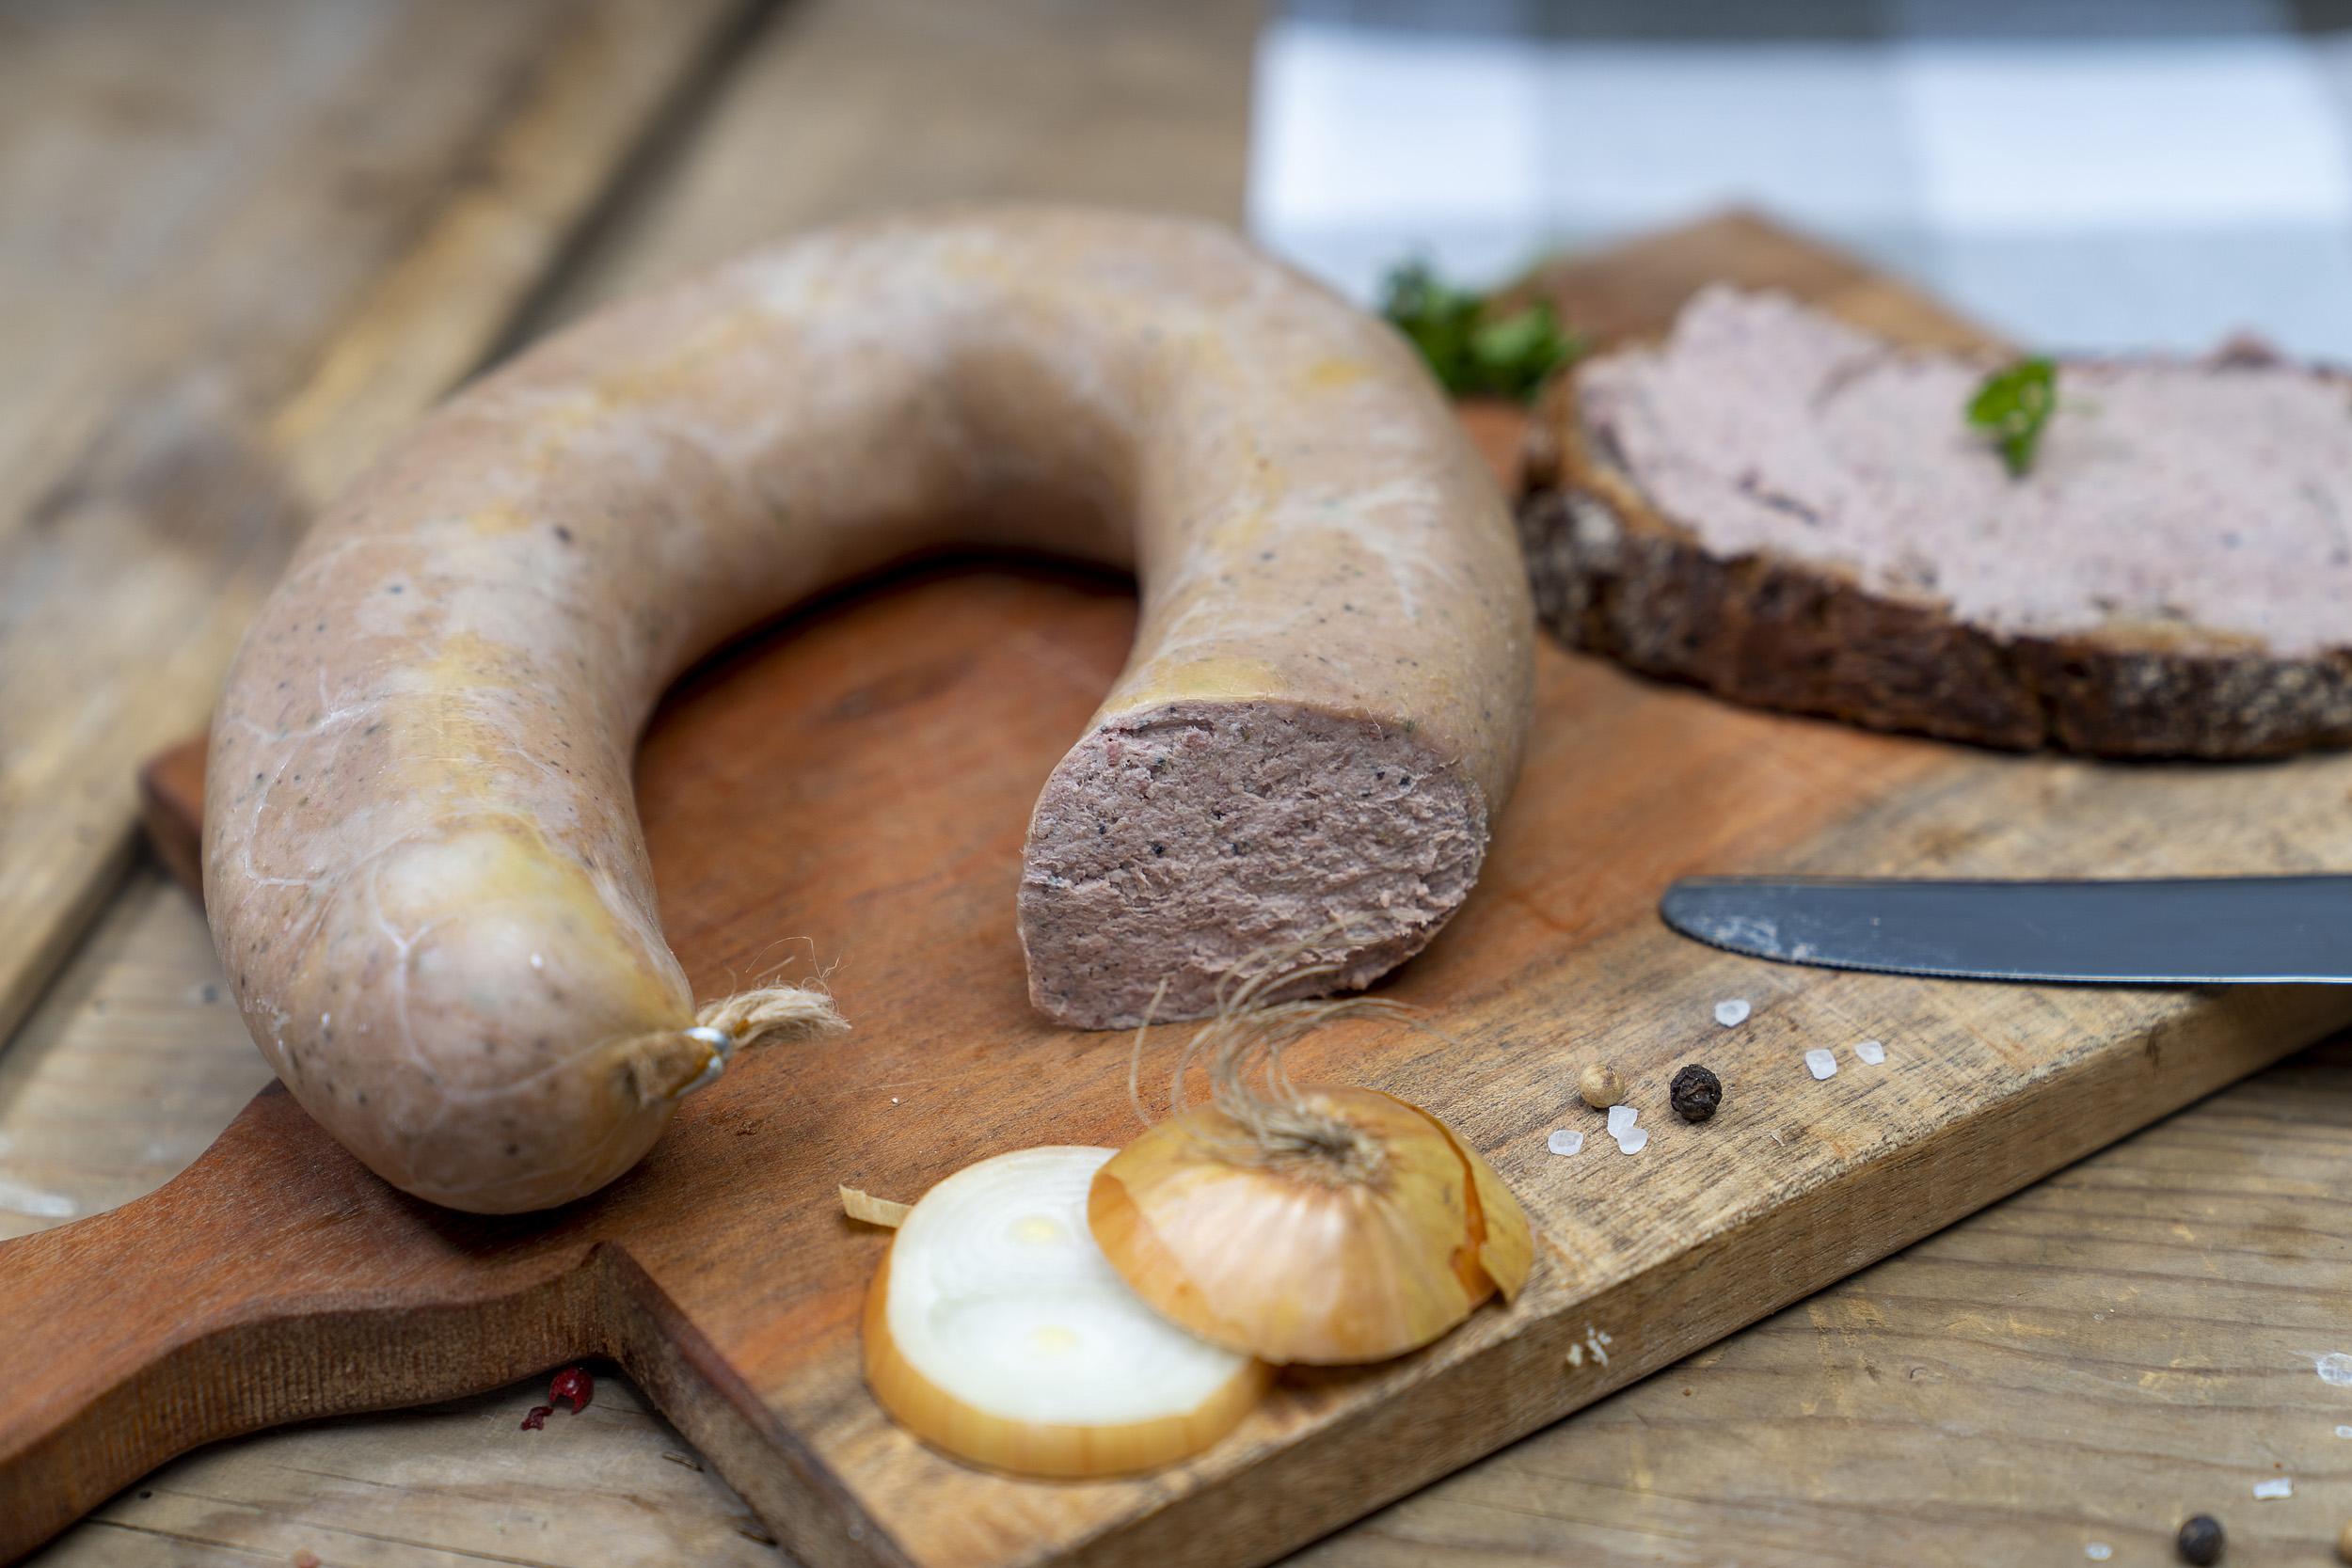 Auf einem Brett eine Leberwurst, ein geschmiertes Brot damit und Zwiebeln.